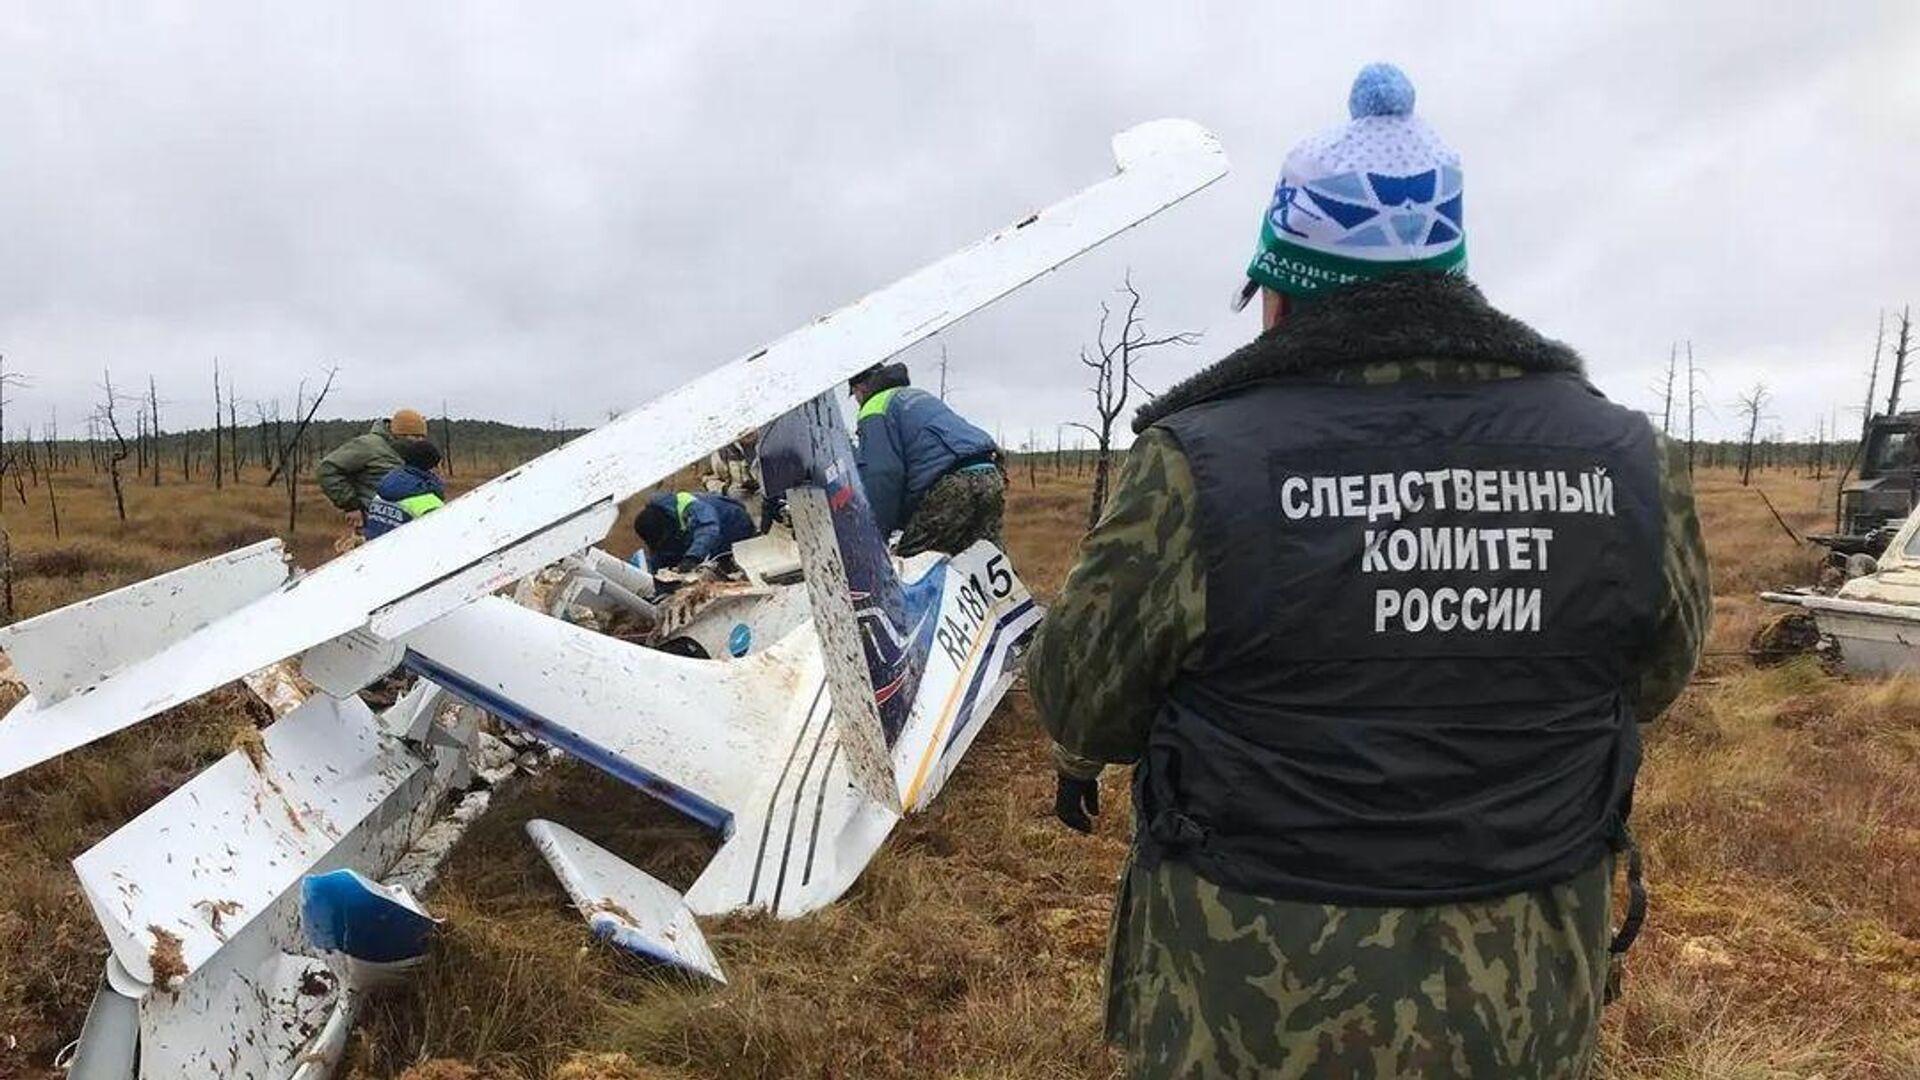 В Югре на месте крушения гидросамолета нашли тела двух погибших